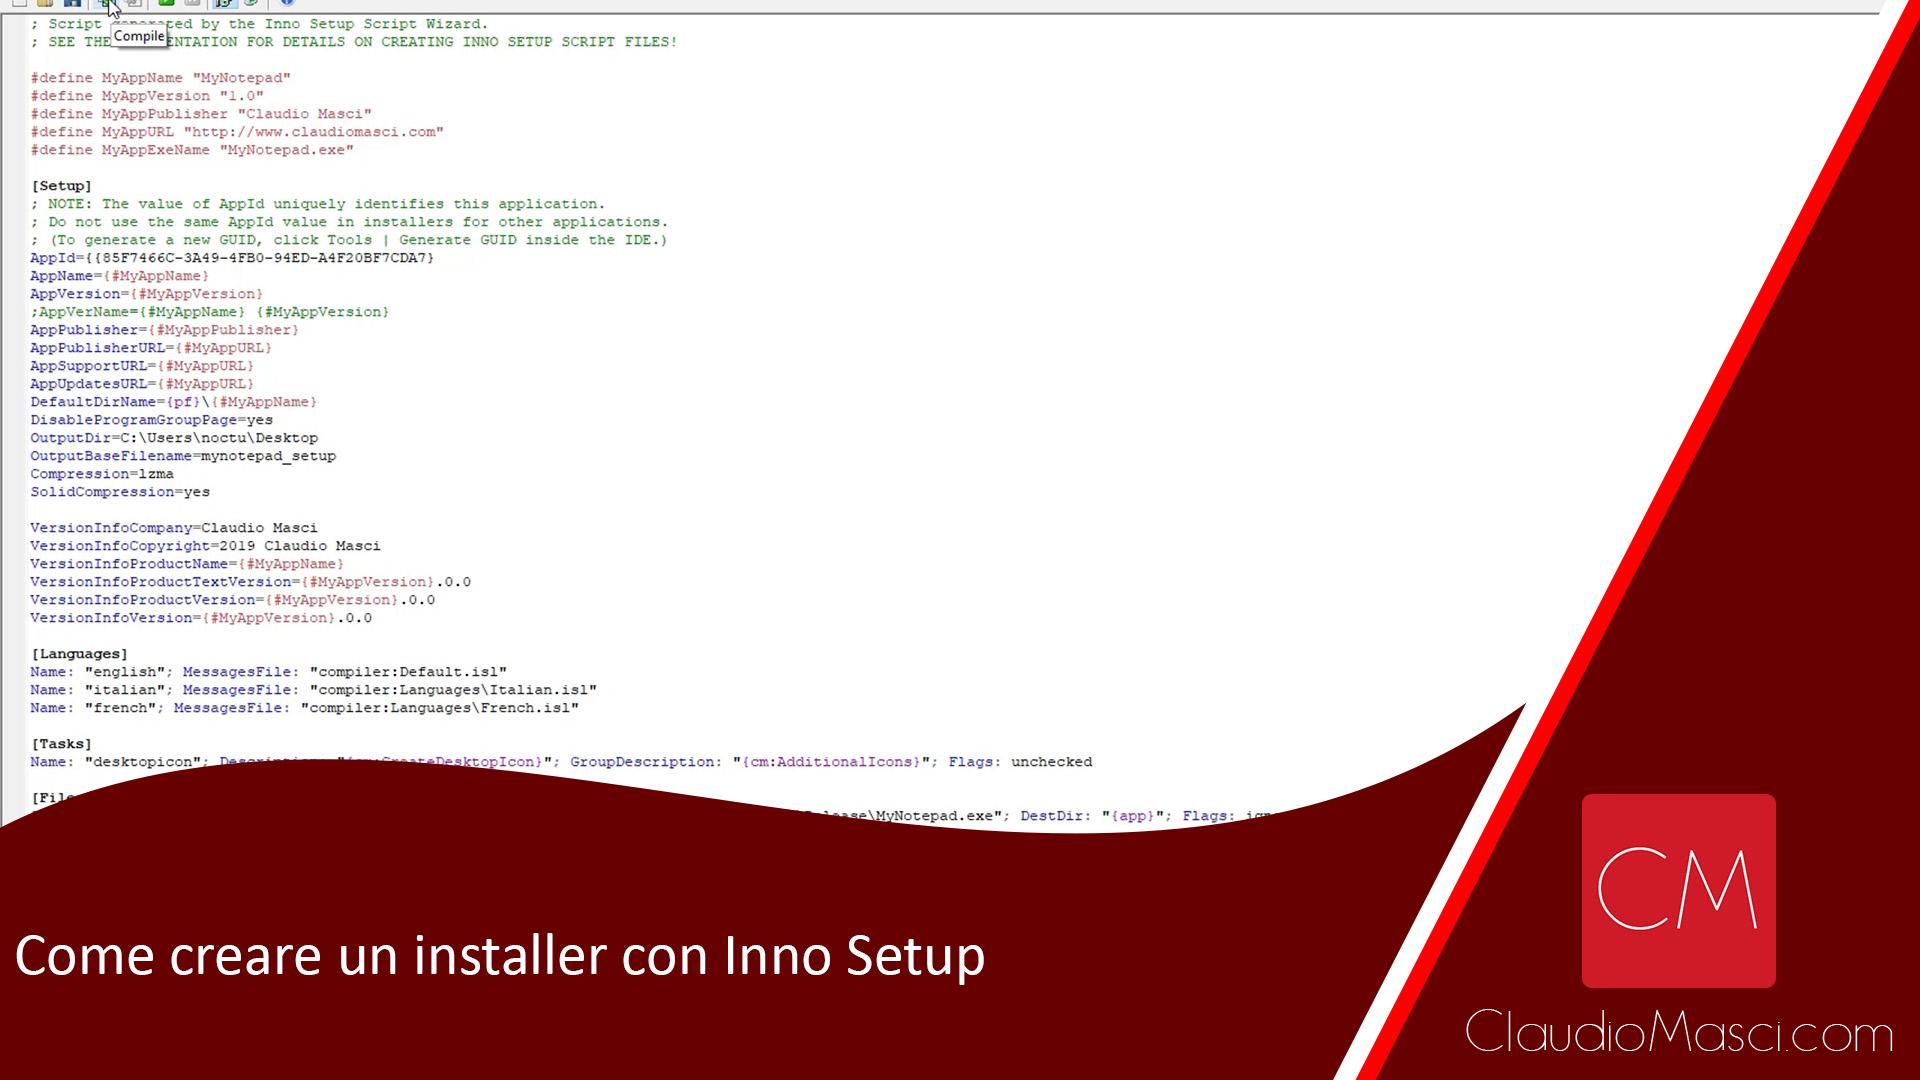 Come creare un file di installazione con Inno Setup